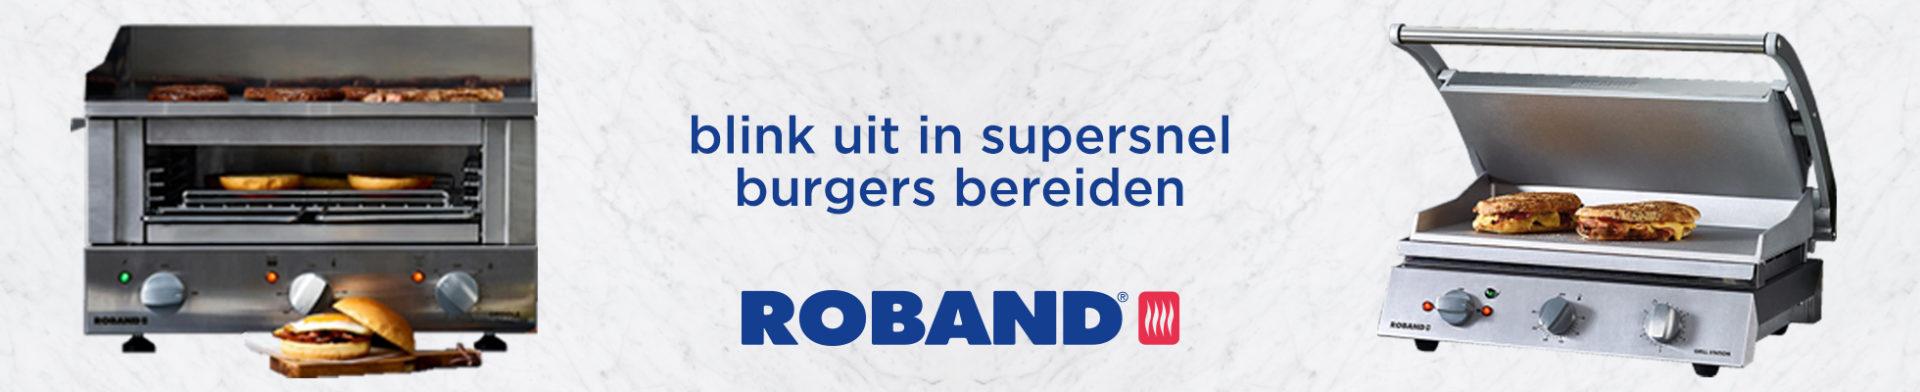 Roband_2020_NL